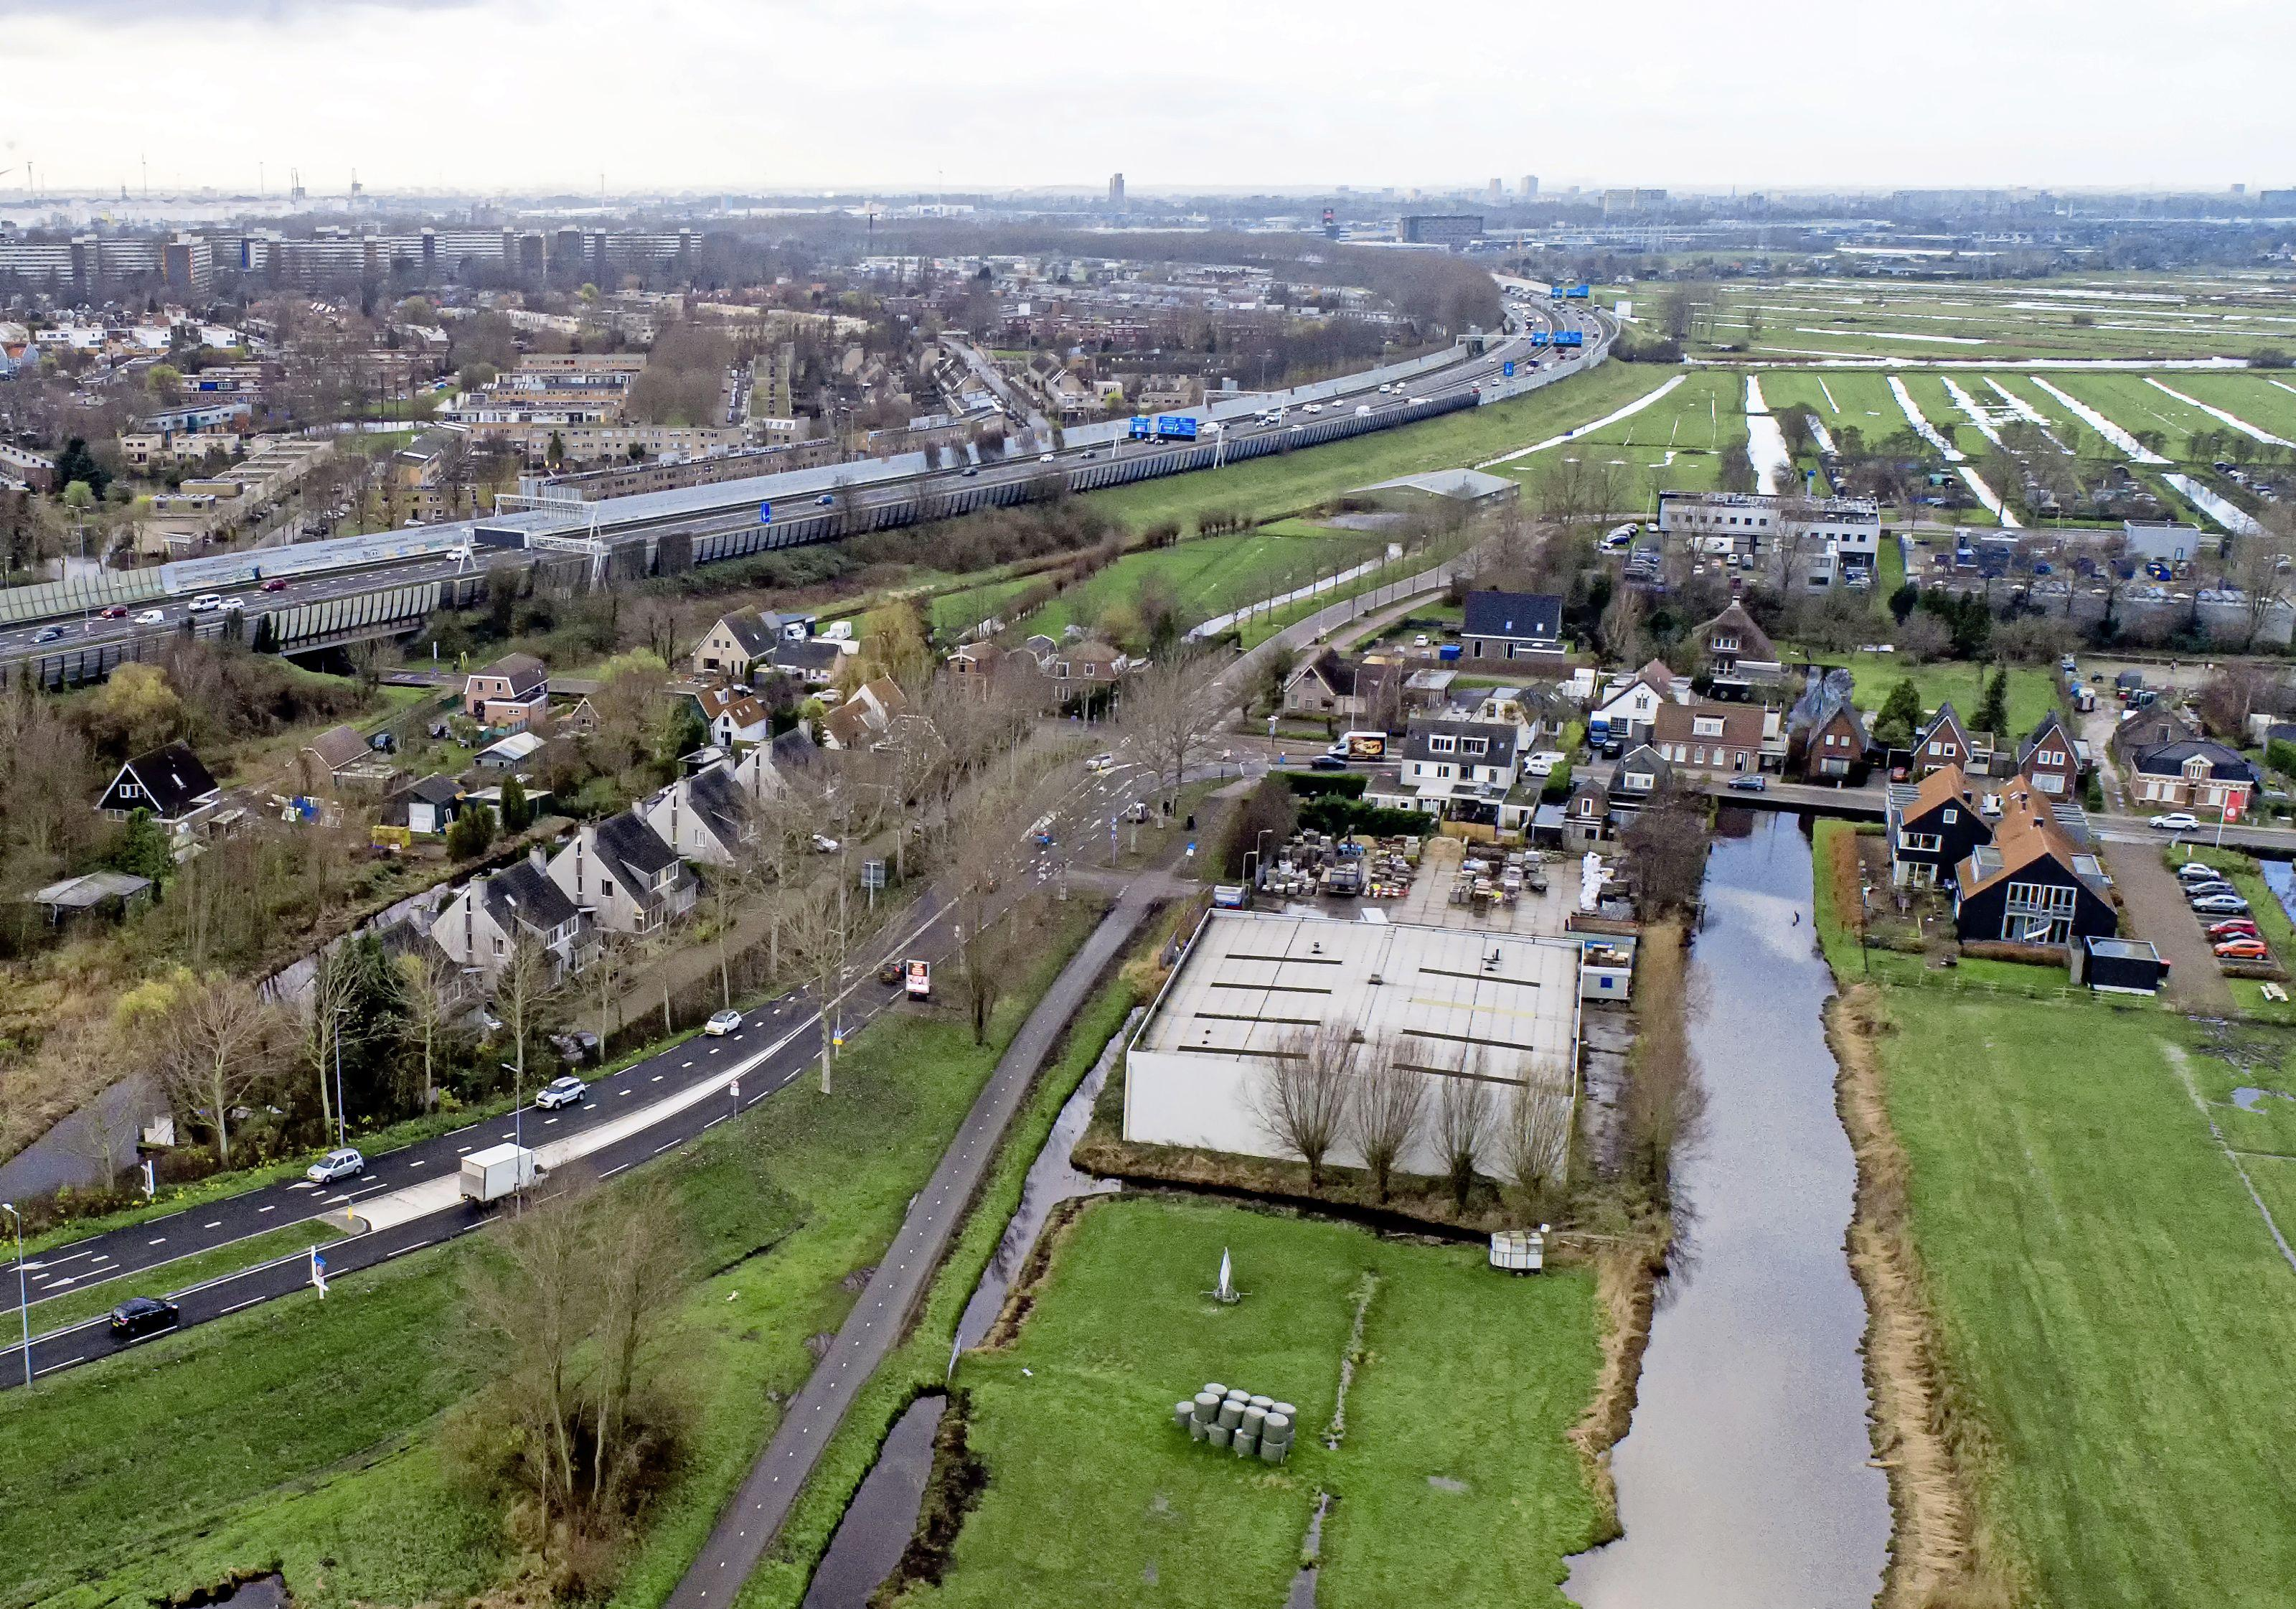 Provincie Noord-Holland komt terug op reactie over woningbouw in Landsmeer: 'Kan toch grootschalig'